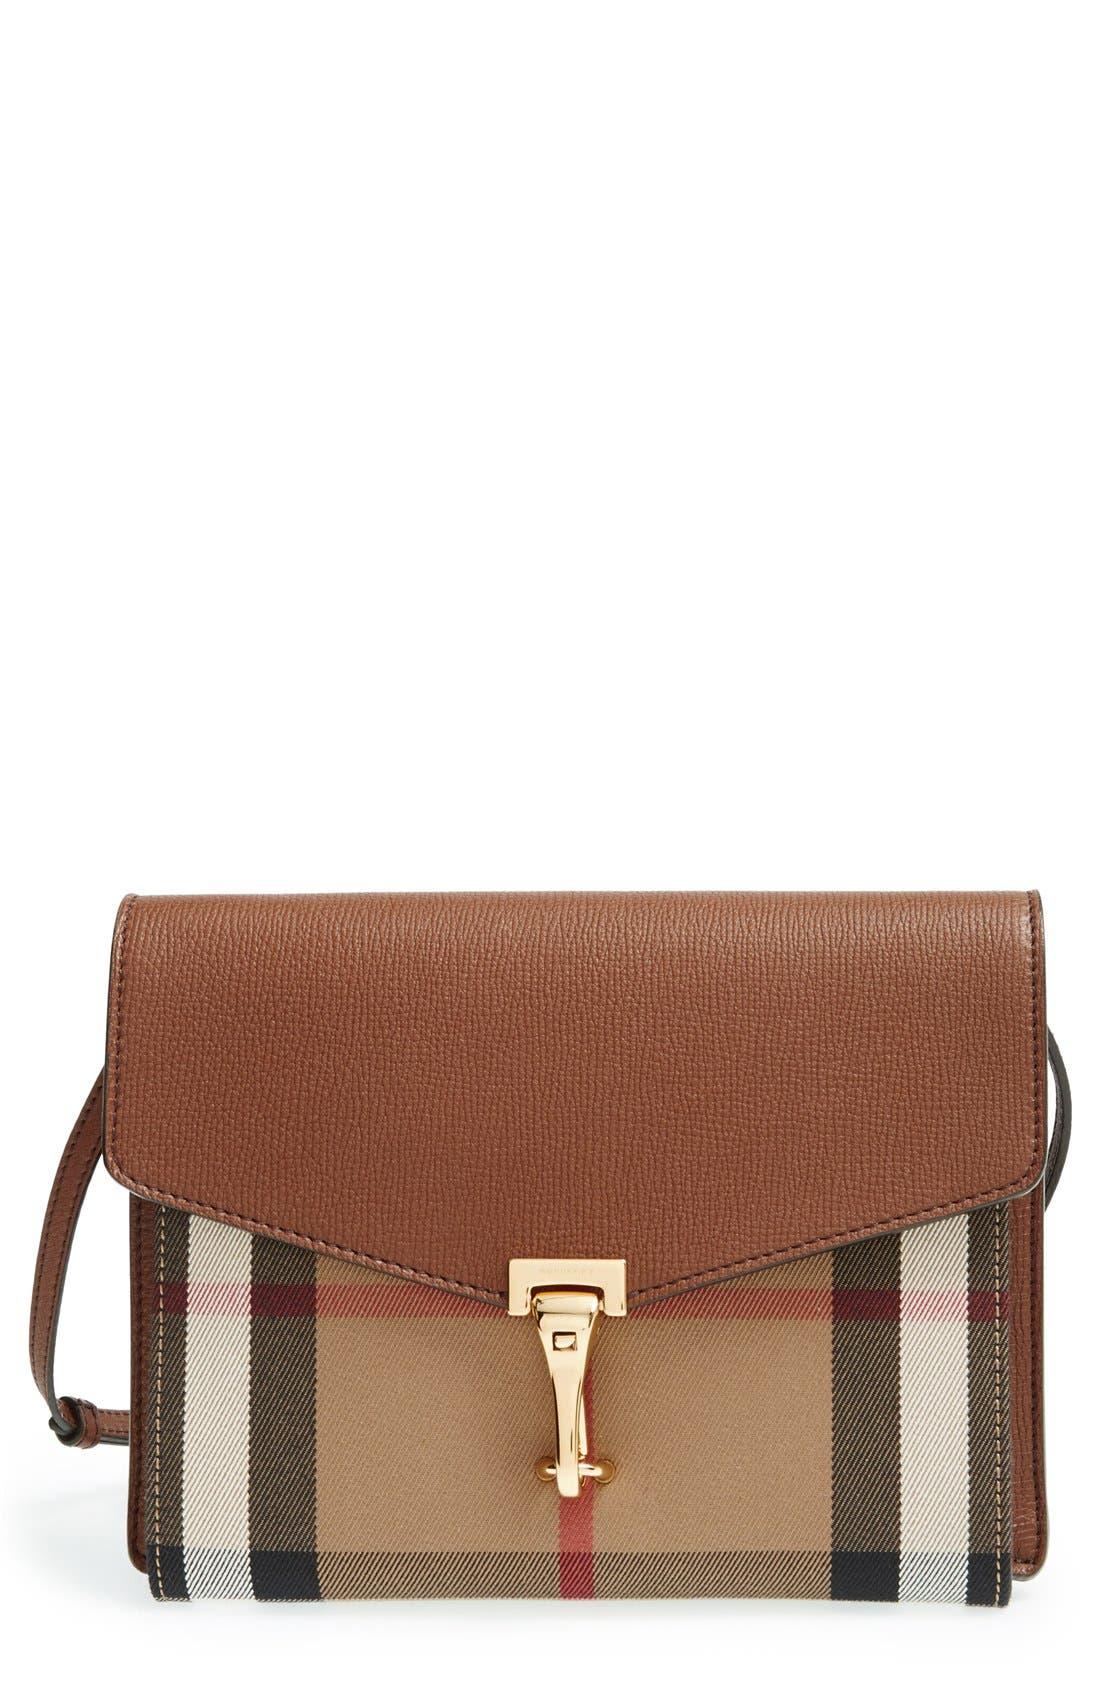 'Small Macken' Check Crossbody Bag,                             Main thumbnail 1, color,                             TAN